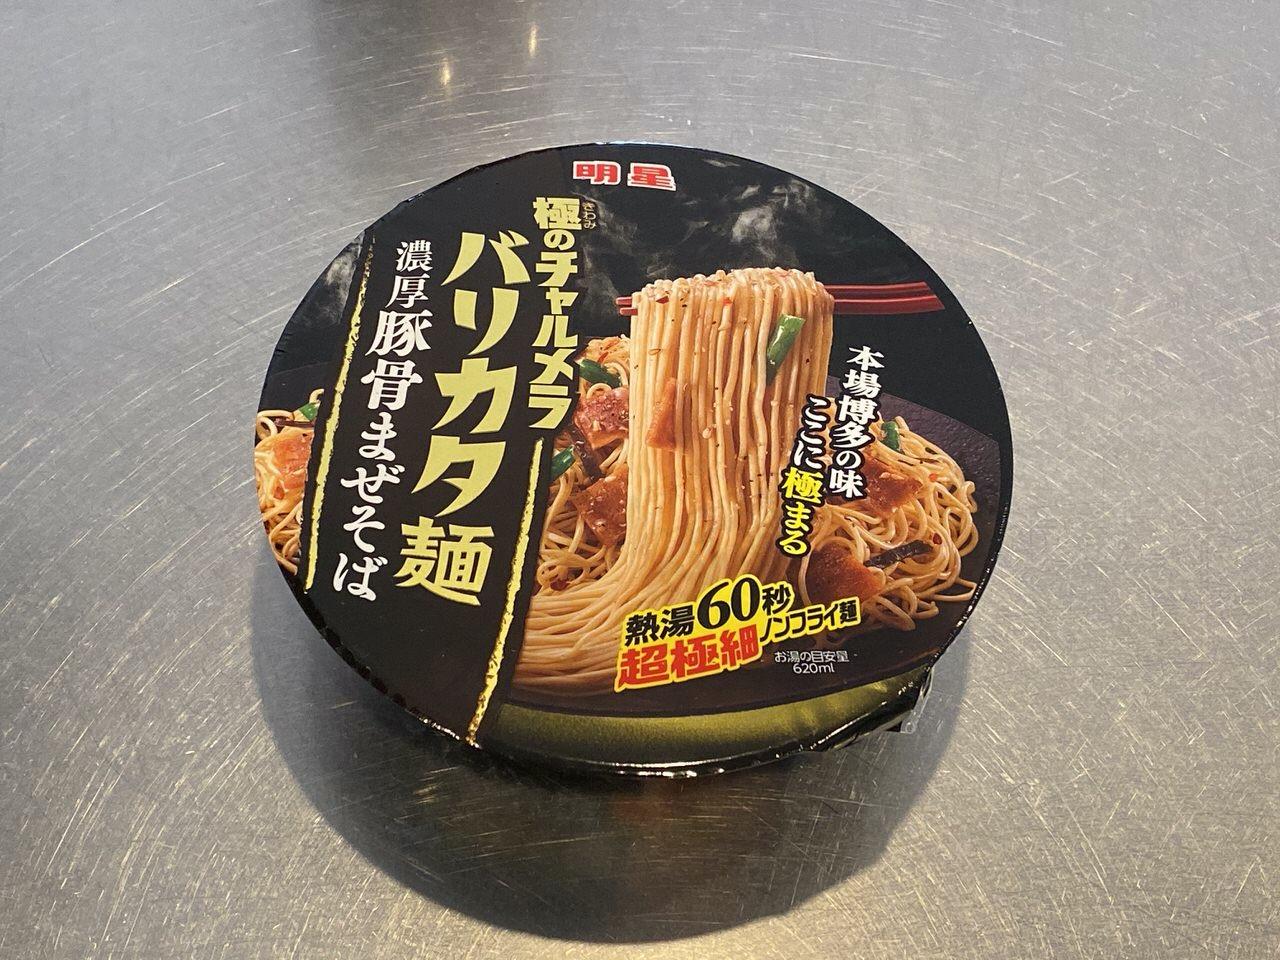 「極のチャルメラ バリカタ麺 濃厚豚骨まぜそば」60秒で完成するバリカタの超極細麺が美味い!